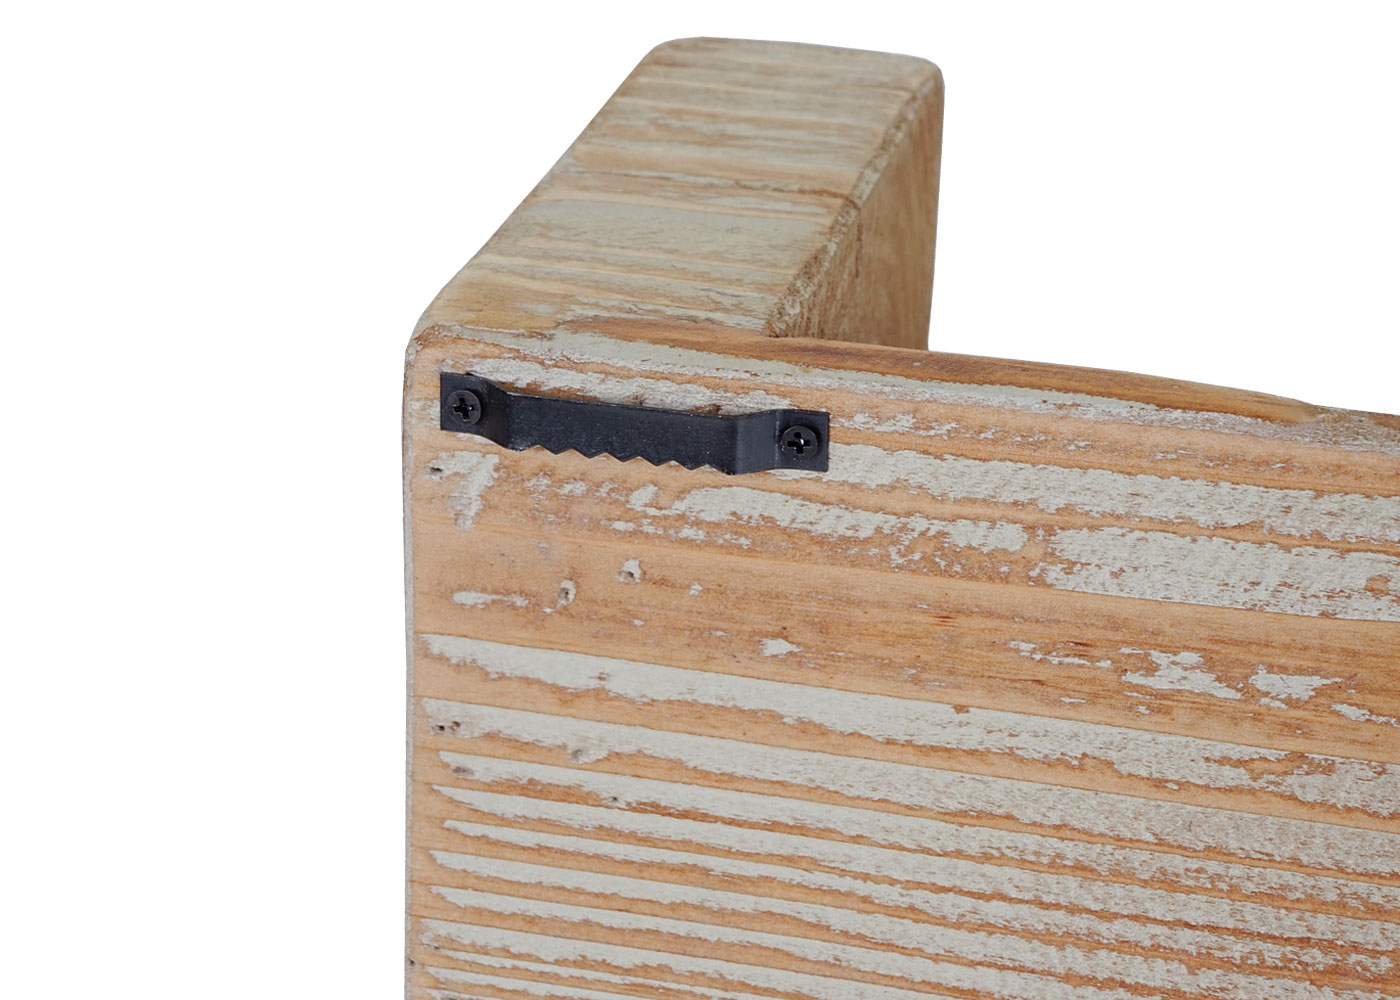 wandregal h ngeregal b cherregal tanne holz rustikal massiv 120cm. Black Bedroom Furniture Sets. Home Design Ideas